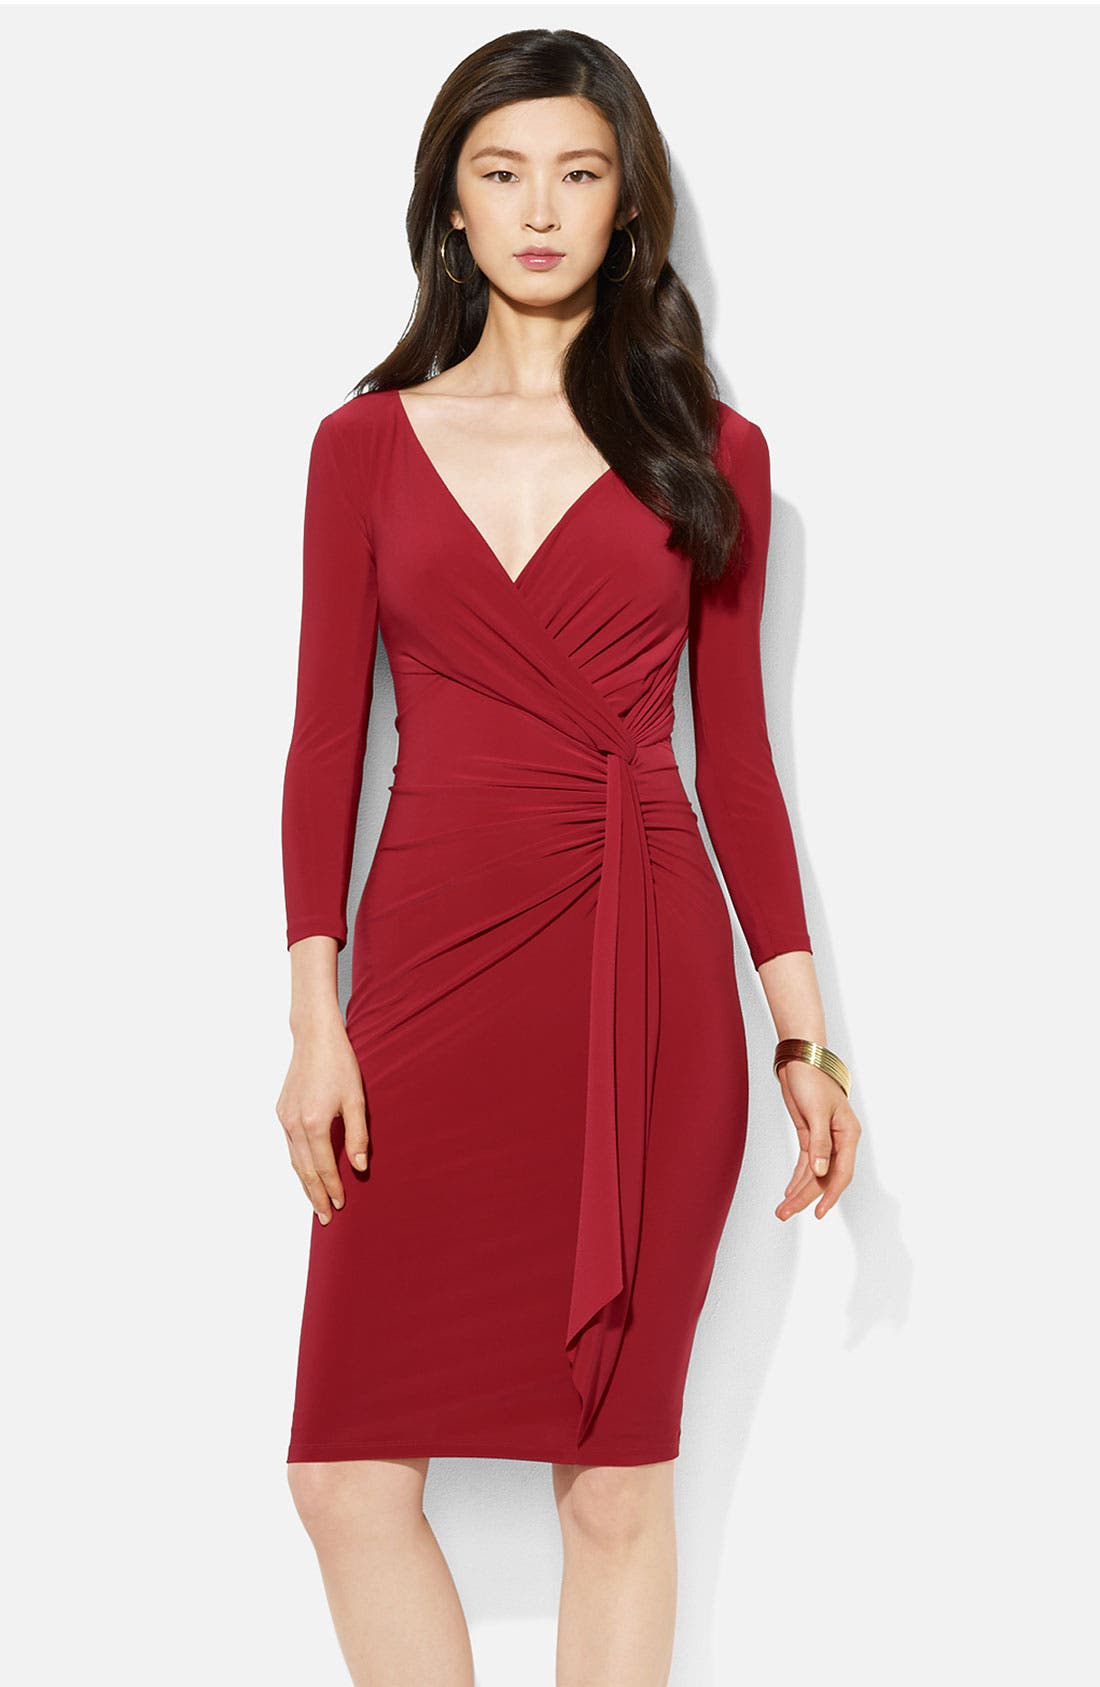 Alternate Image 1 Selected - Lauren Ralph Lauren Surplice Jersey Sheath Dress